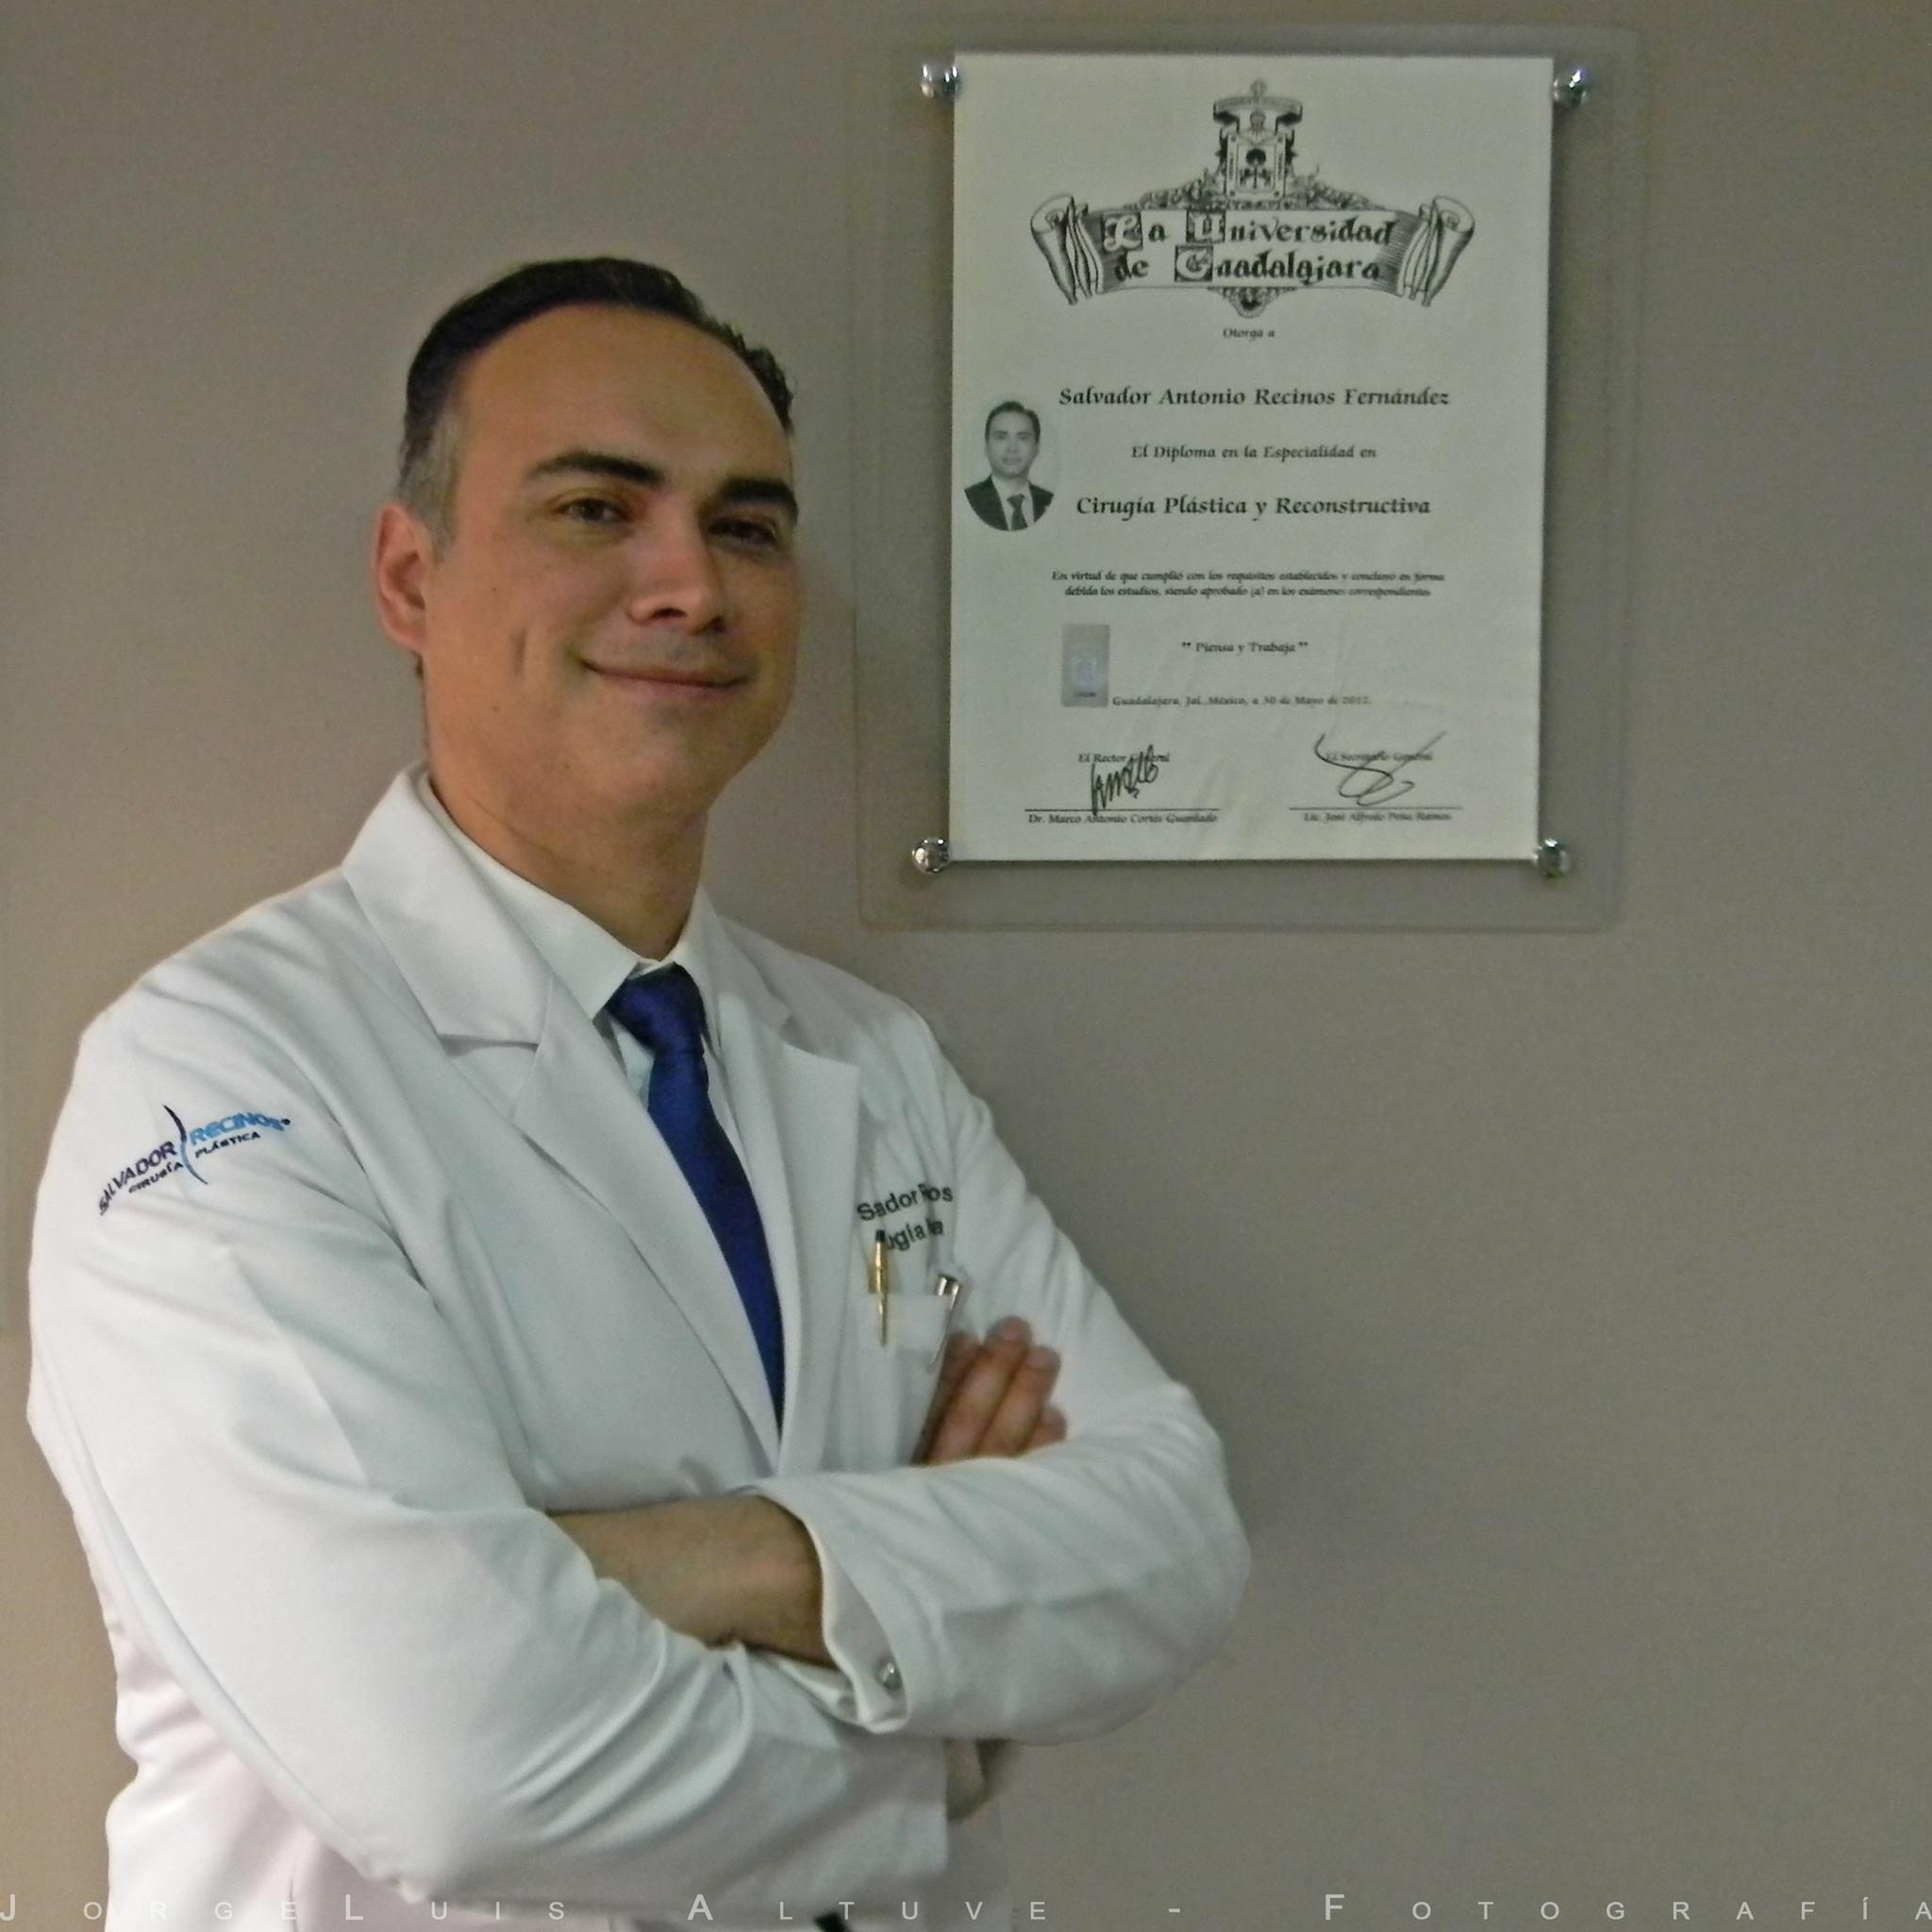 Dr. Salvador Recinos - Cirujano plástico con estudios en Guatemala y México (USAC, UNAM, IMSS, IGSS) Quien cuenta con un amplio recorrido en procedimientos estéticos y de cirugía plástica y reconstructiva.Es el cirujano plástico con más seguidores en Guatemala.Deja tu belleza #EnManosExpertas